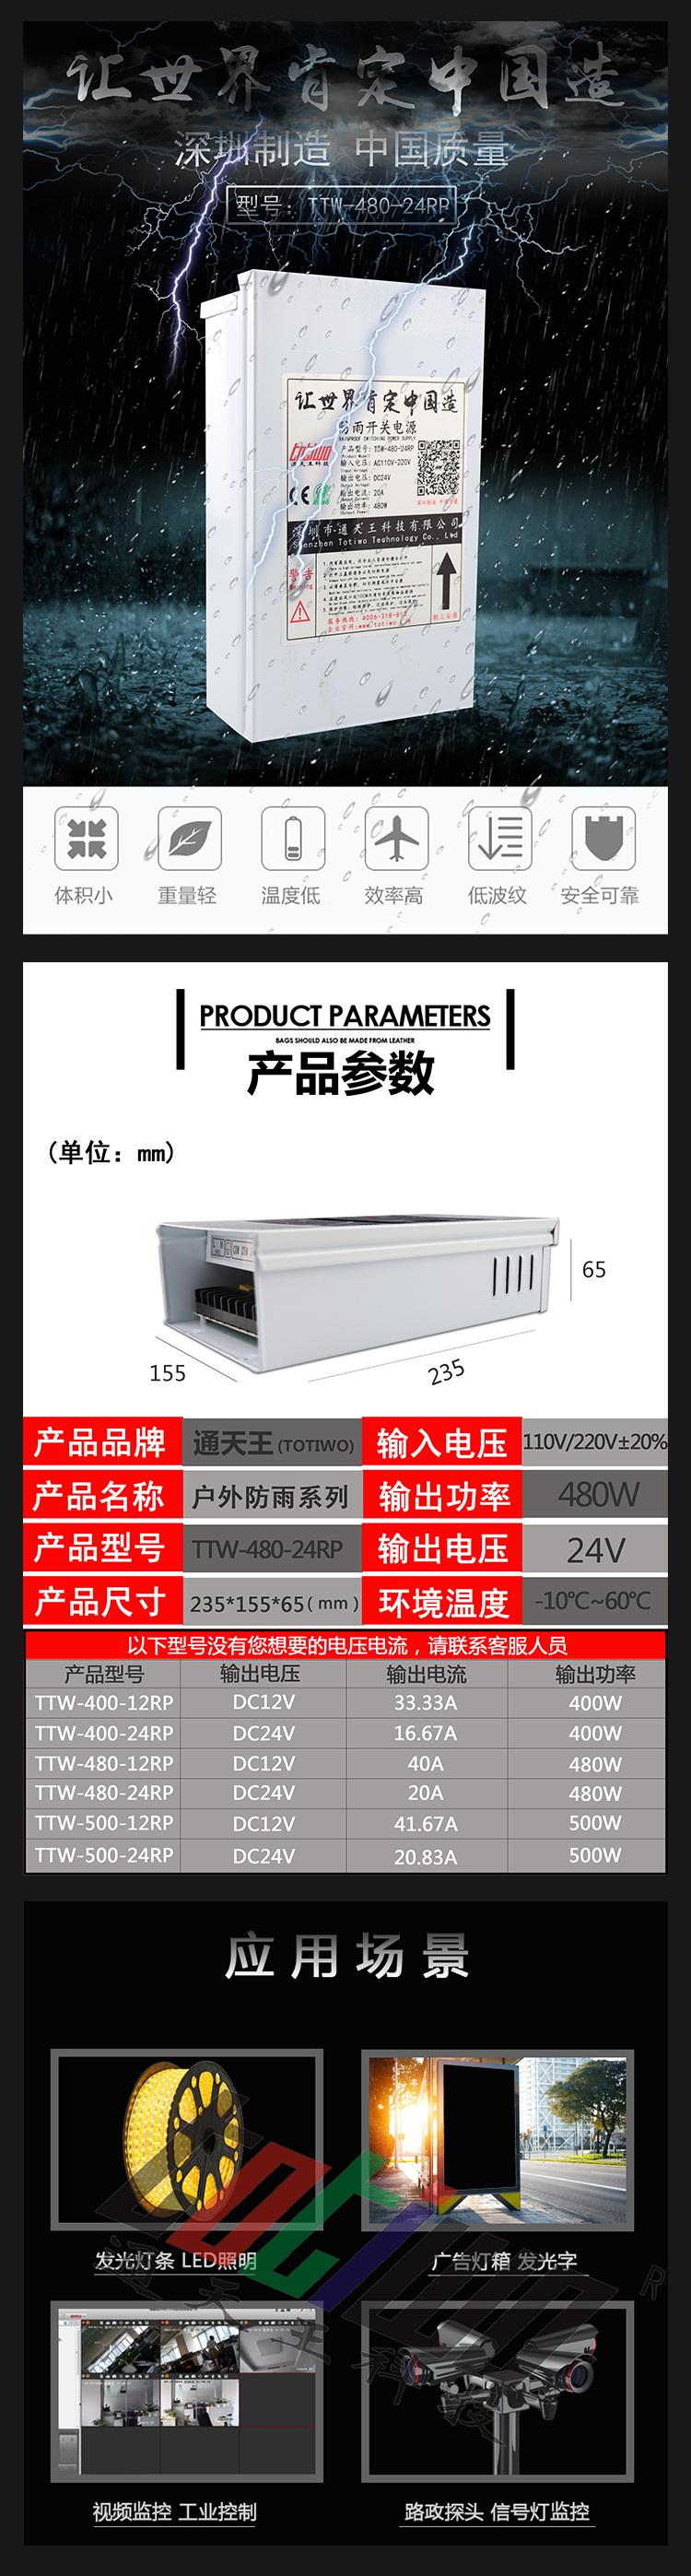 通天王dc24v20a480w防雨开关电源高压转低压发光字直流电源